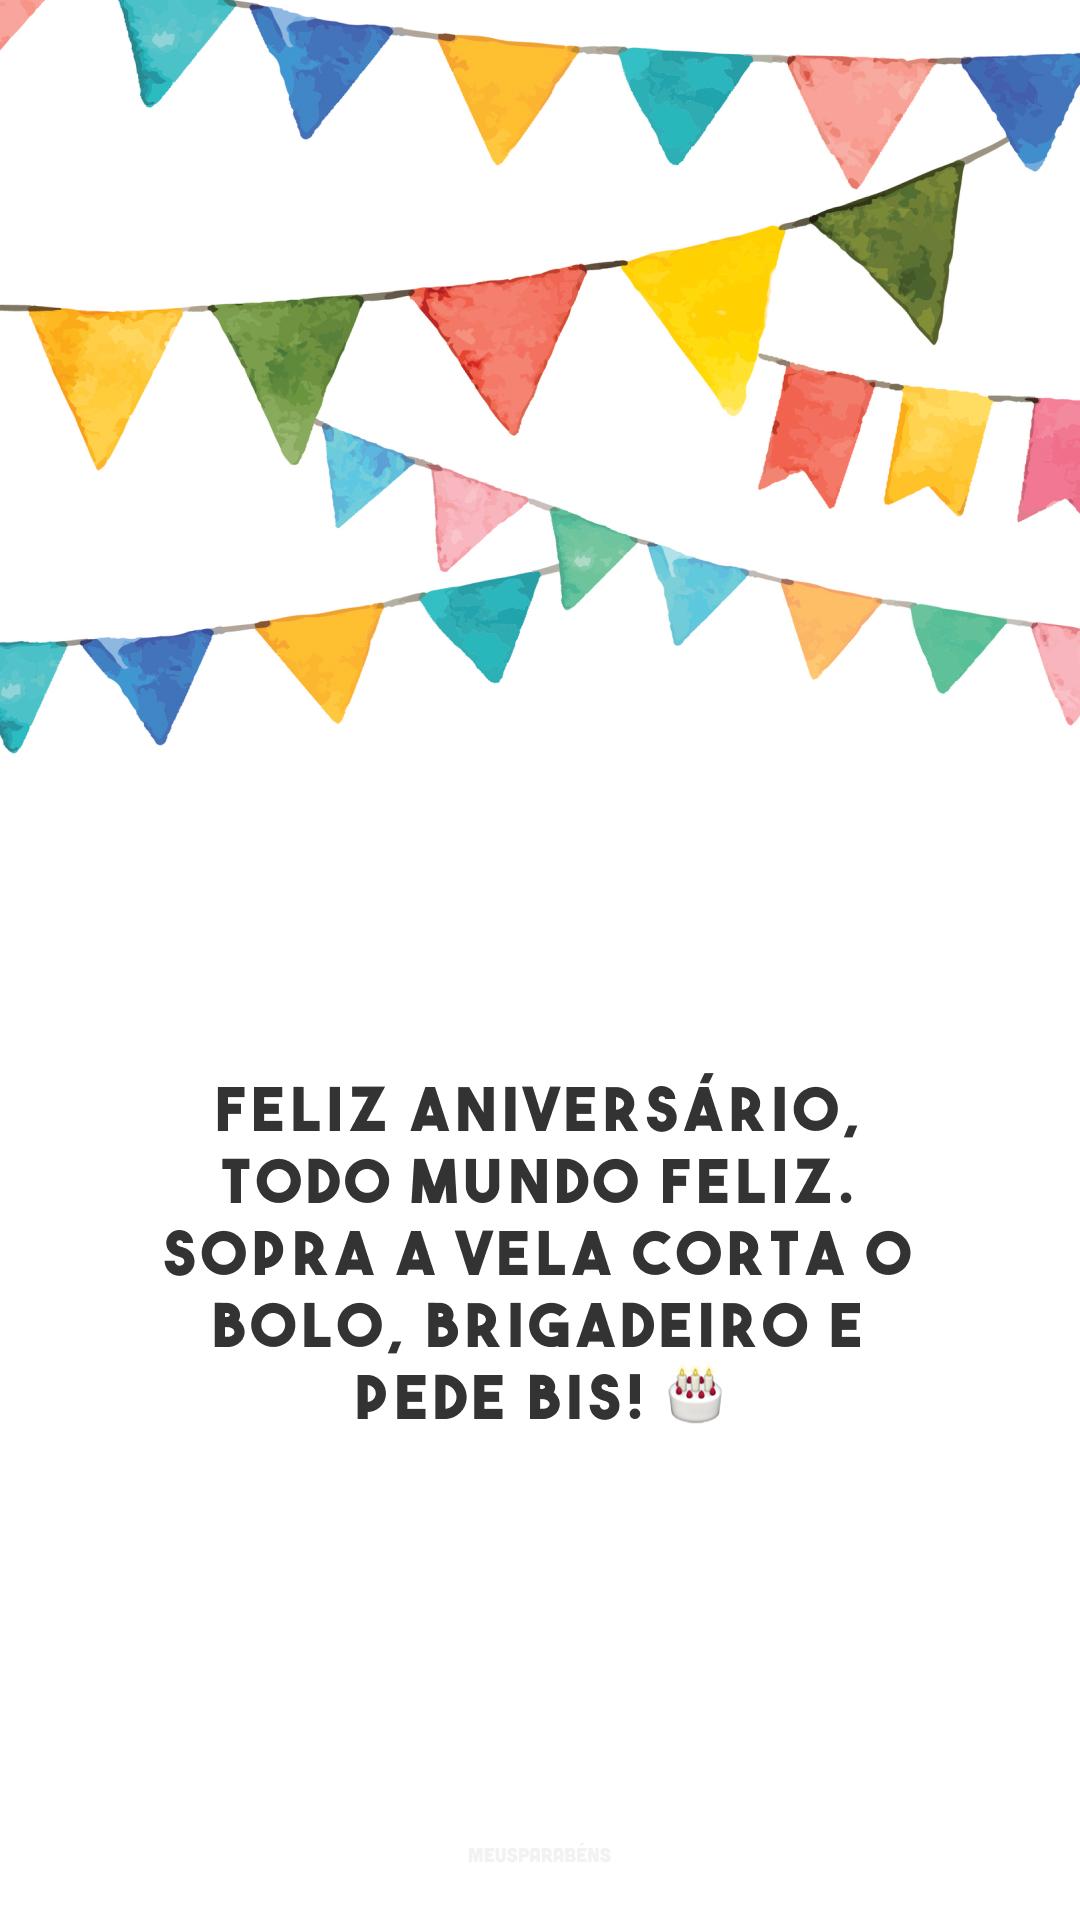 Feliz aniversário, todo mundo feliz. Sopra a vela corta o bolo, brigadeiro e pede bis! 🎂